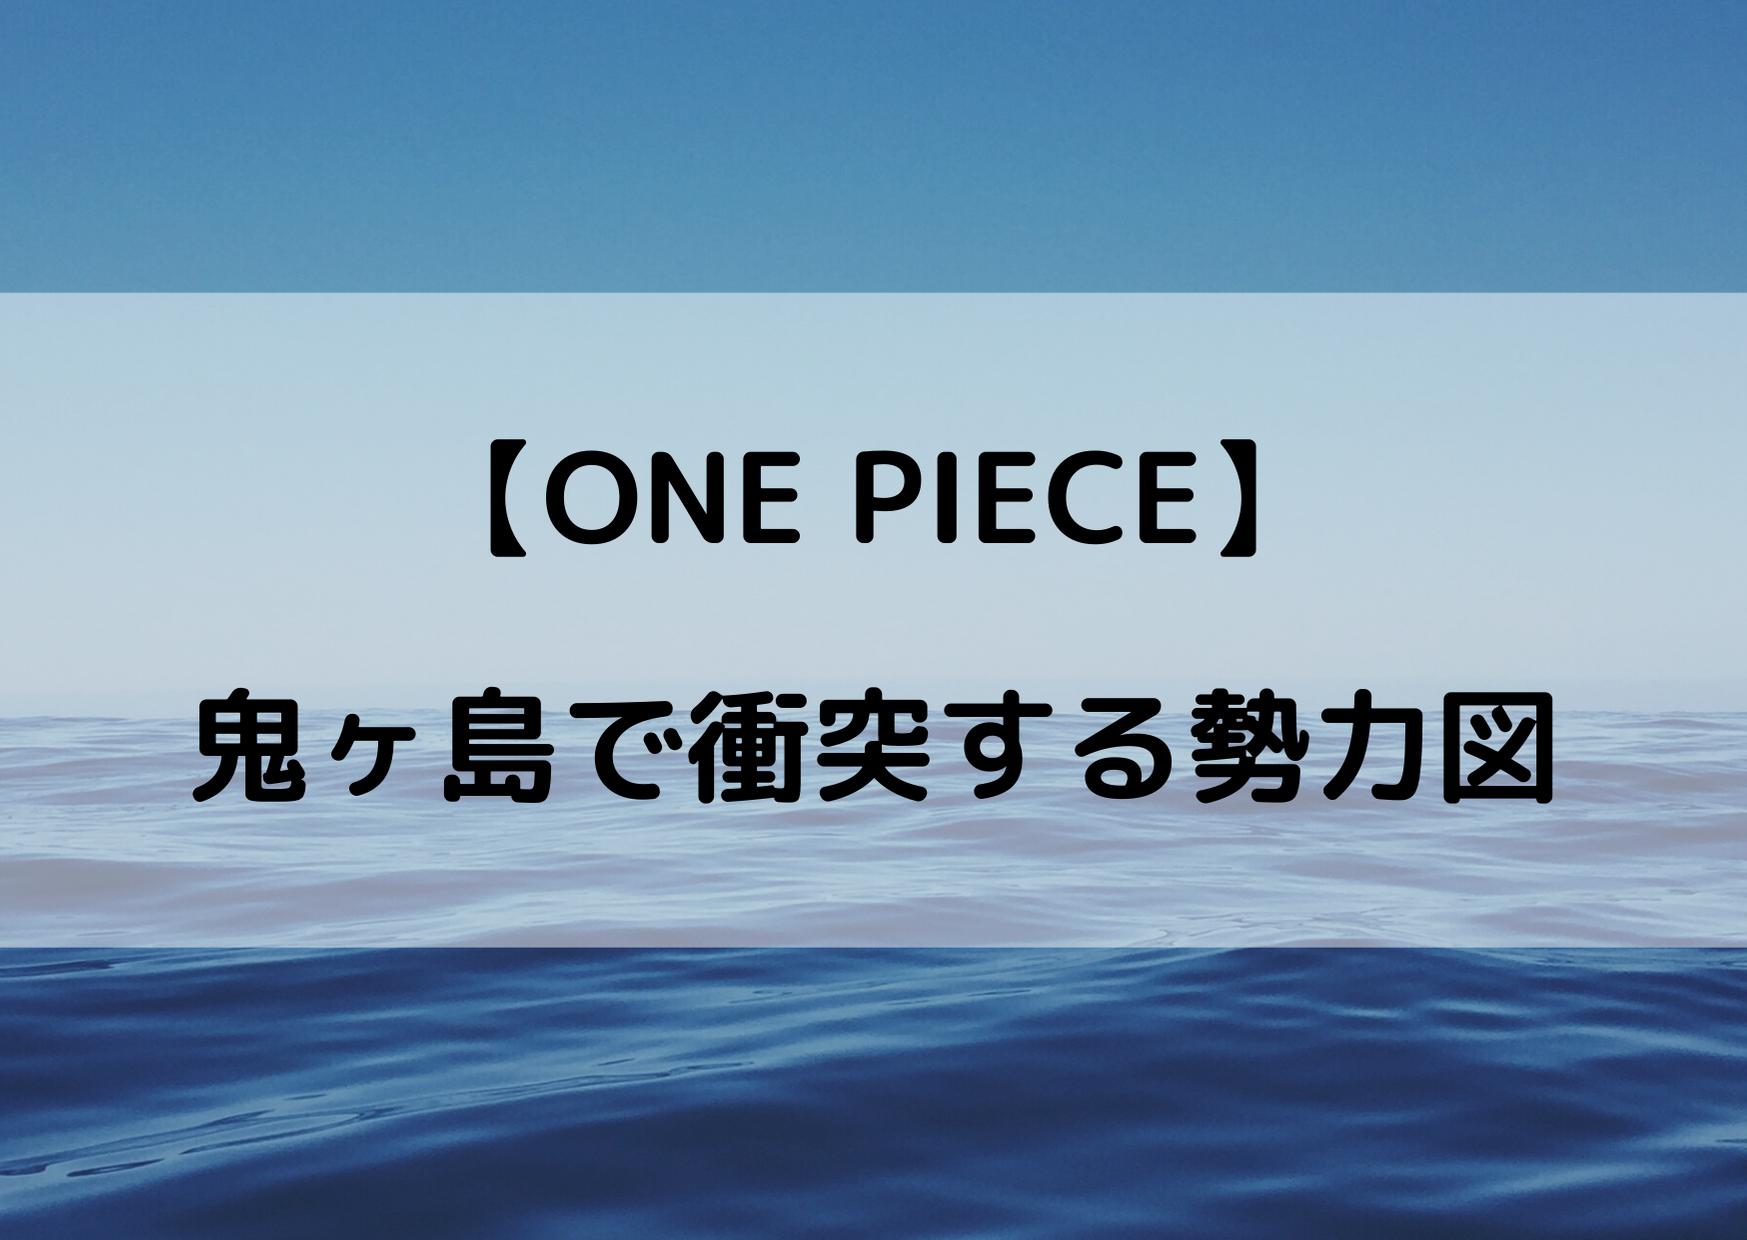 ワンピース 鬼ヶ島 対戦カード